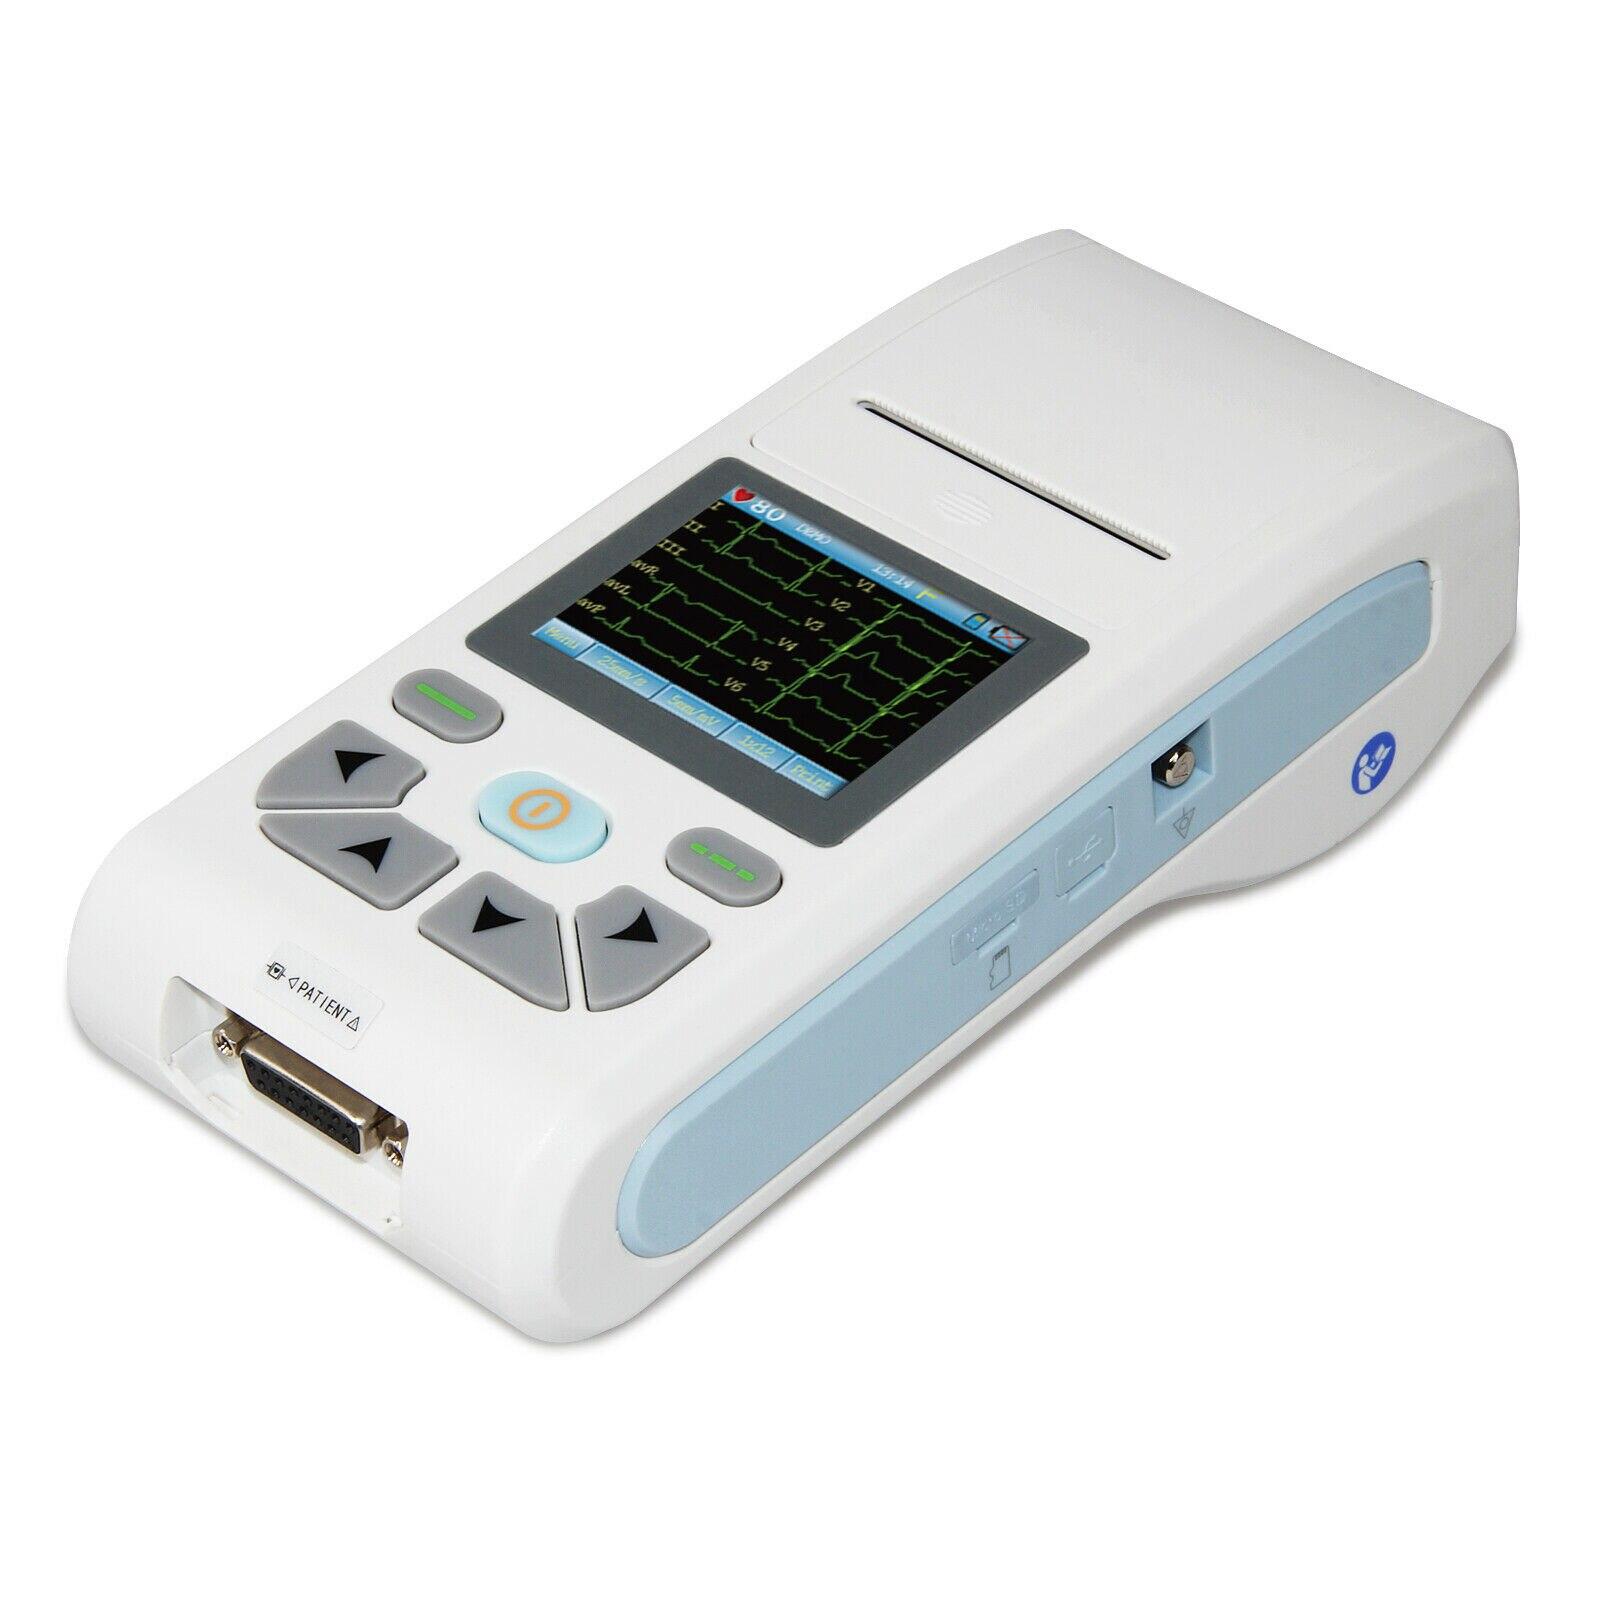 ECG90A USB برنامج قناة واحدة ECG الموجي الكهربائي شاشة تعمل باللمس